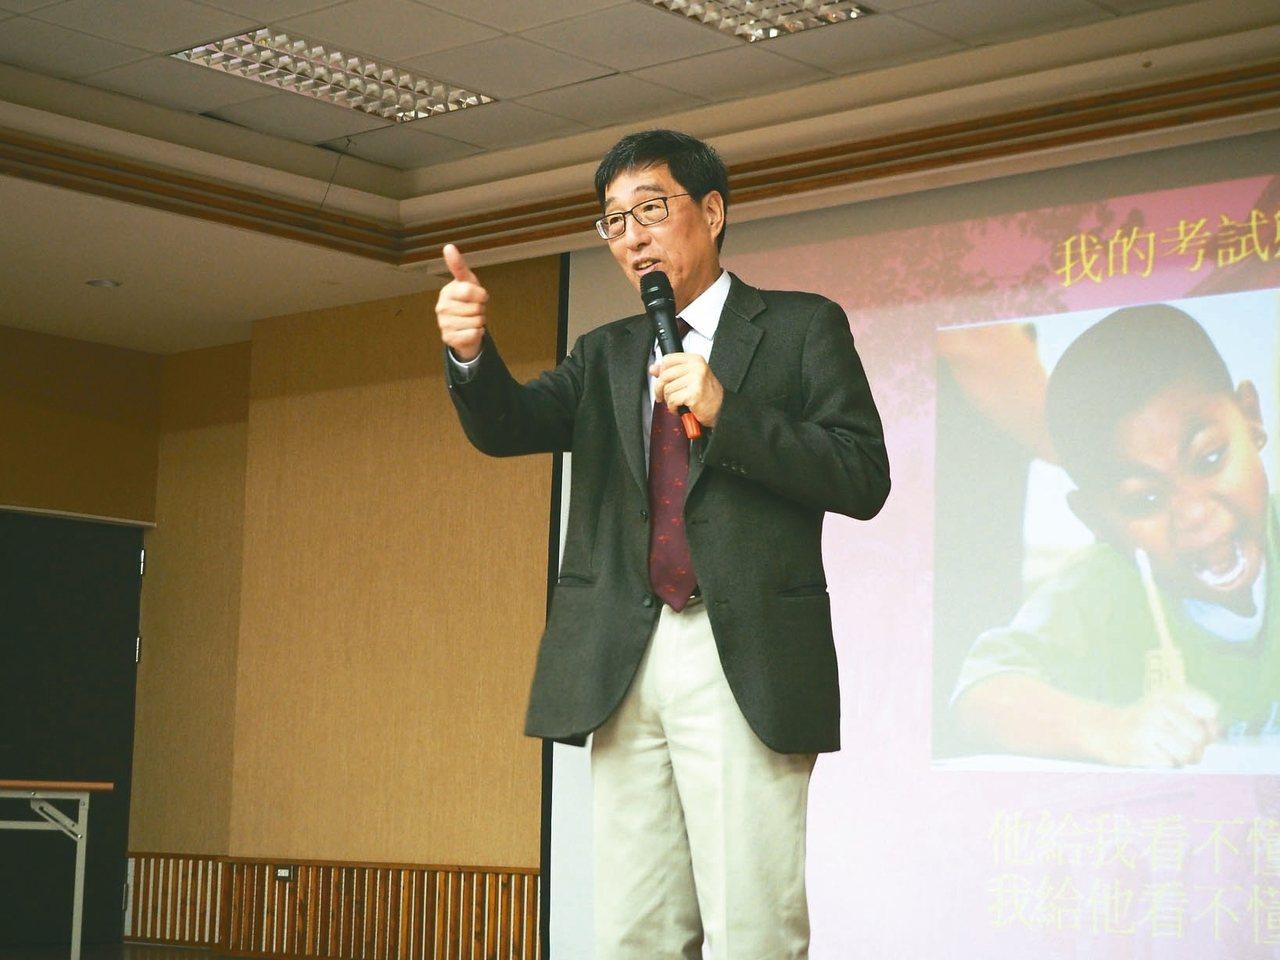 香港城市大學校長郭位。 記者喻文玟/攝影